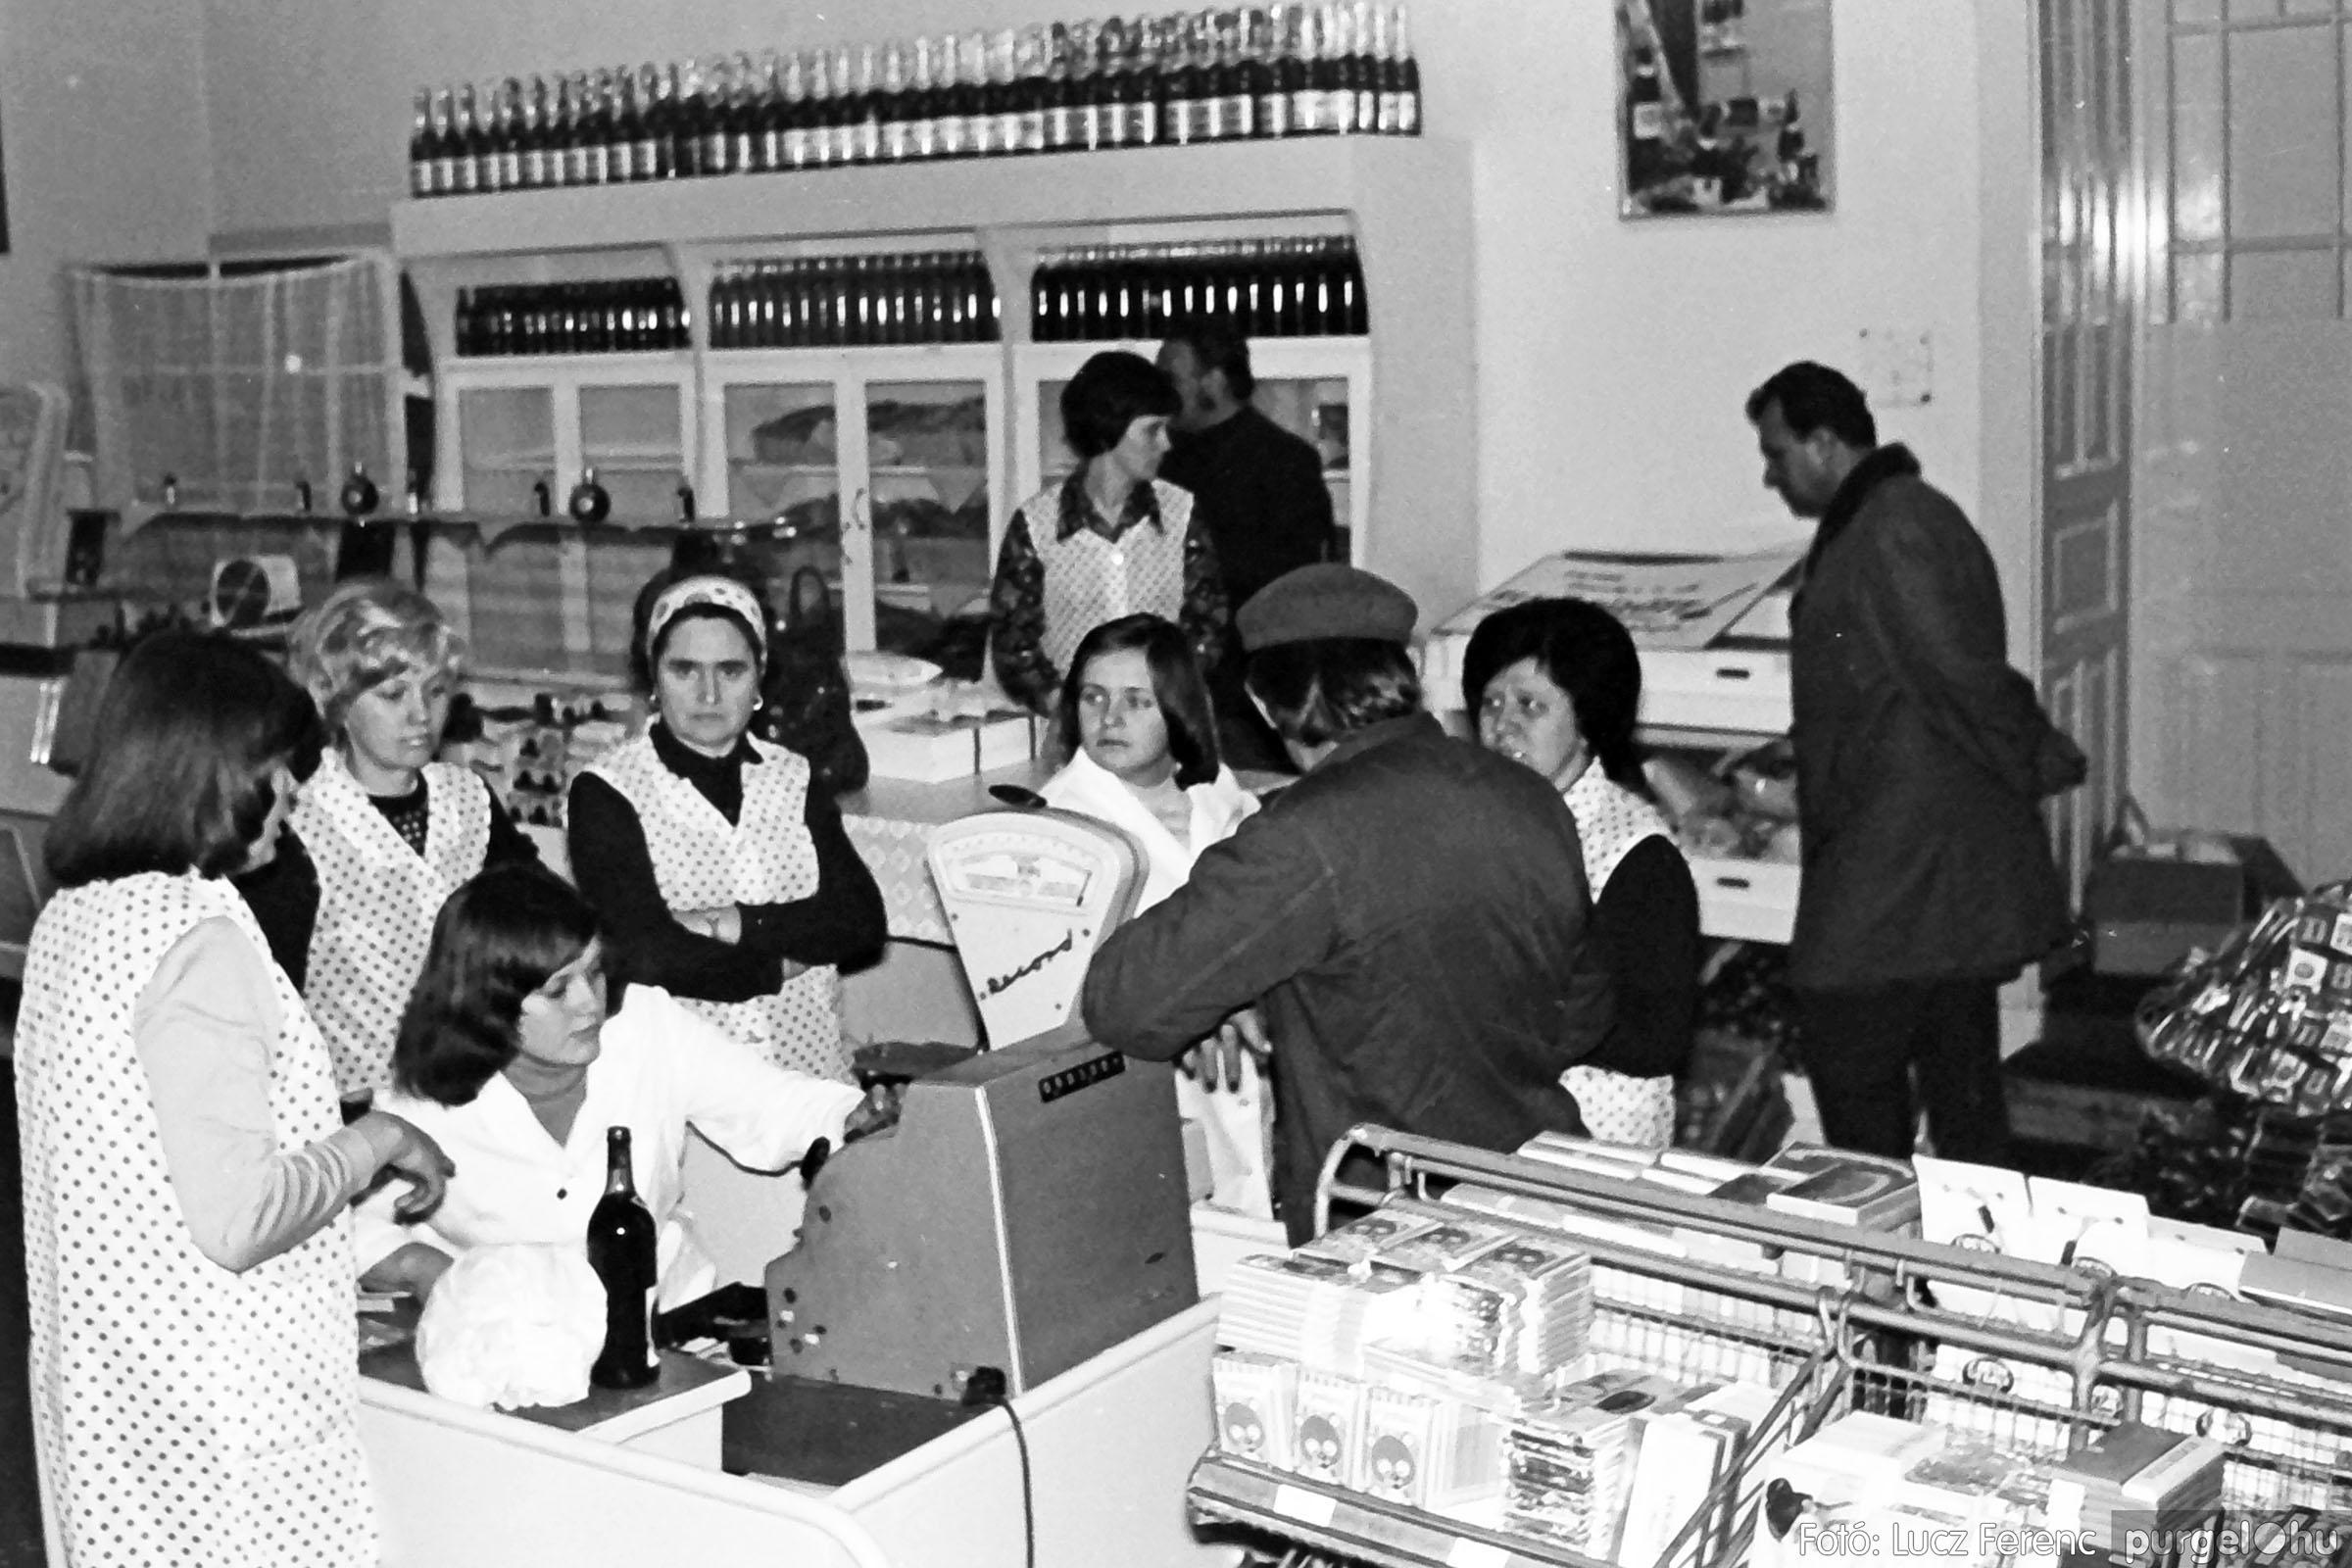 032. 1976. Önkiszolgáló a régi mozi helyén 010 - Fotó: Lucz Ferenc.jpg